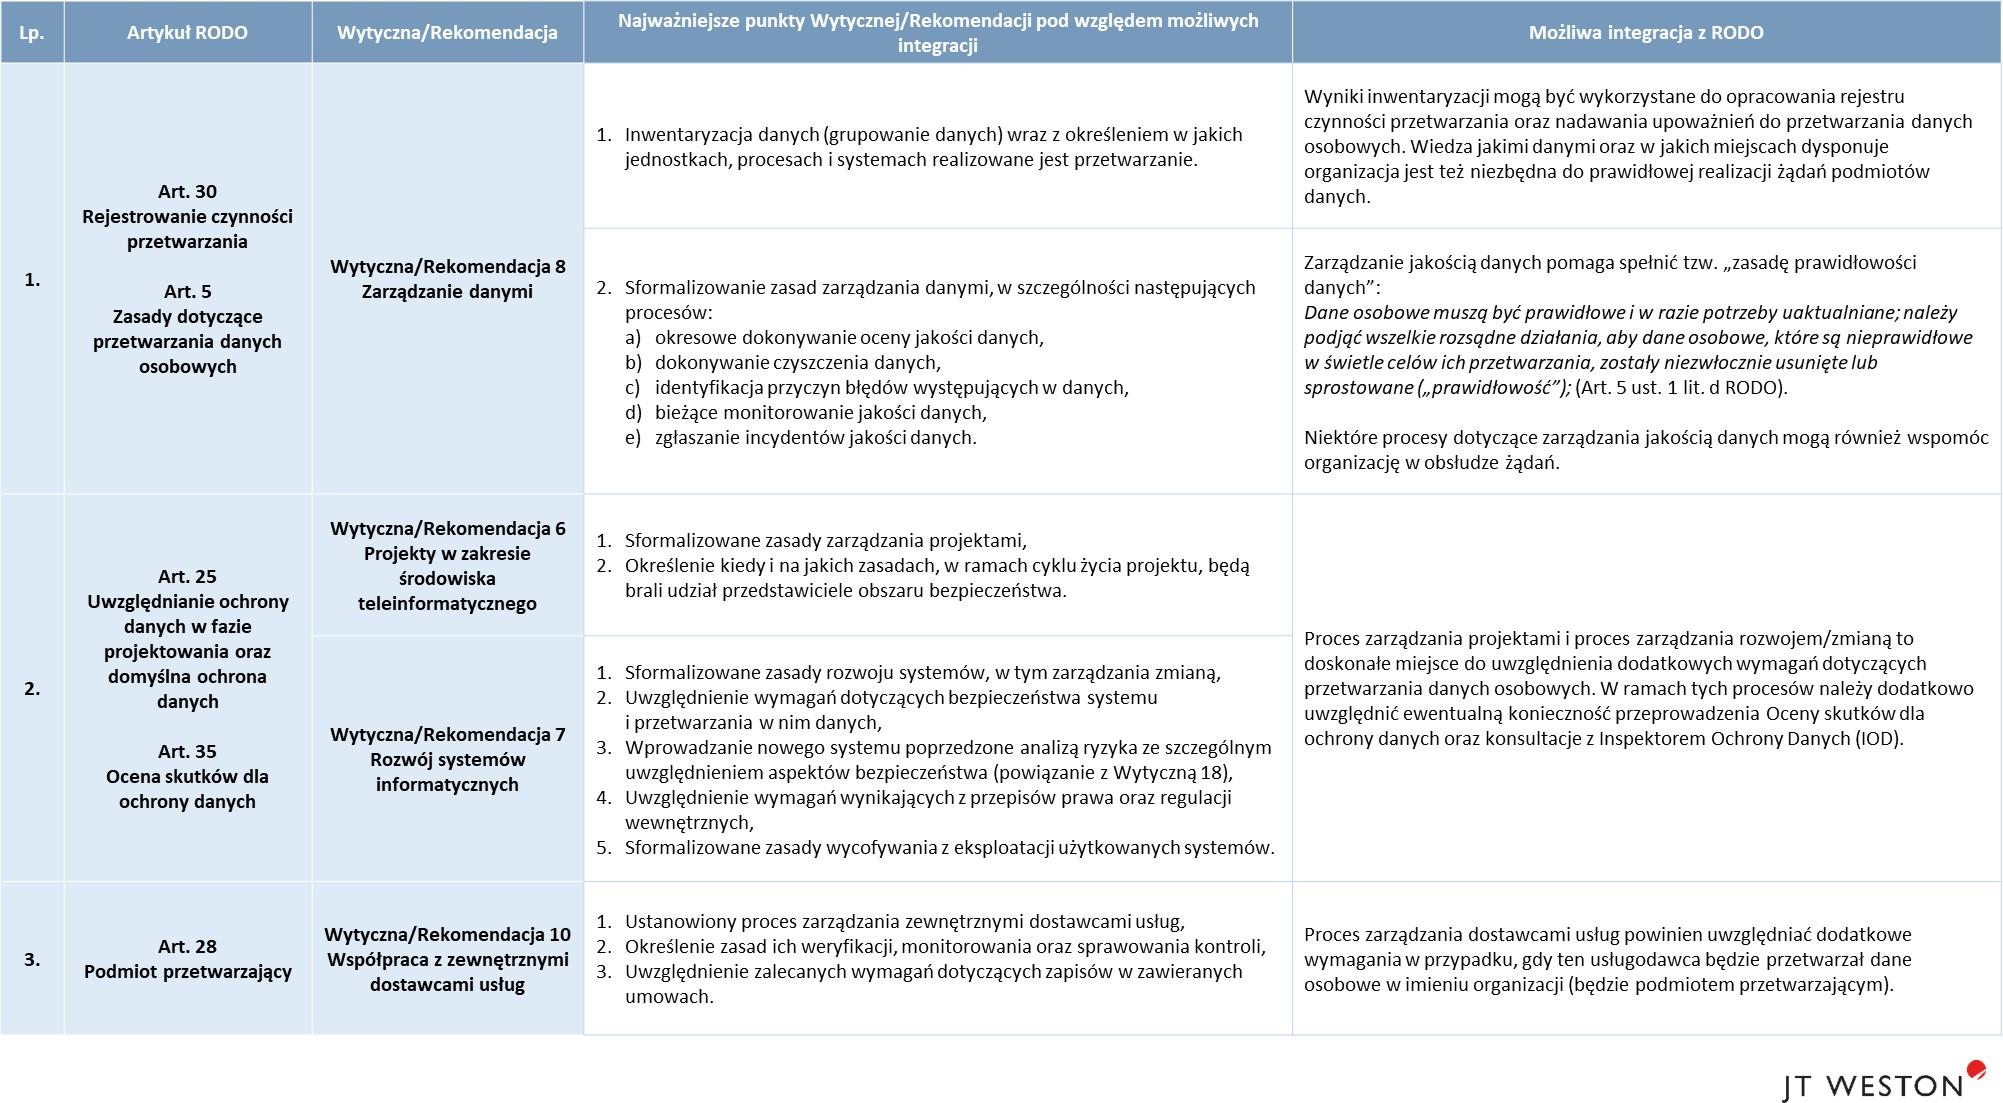 ddfa3d782dd48c Rezultaty wdrożenia Wytycznych / Rekomendacji mogą być efektywnie  wykorzystywane w kolejnych etapach wdrożenia i stosowania RODO.